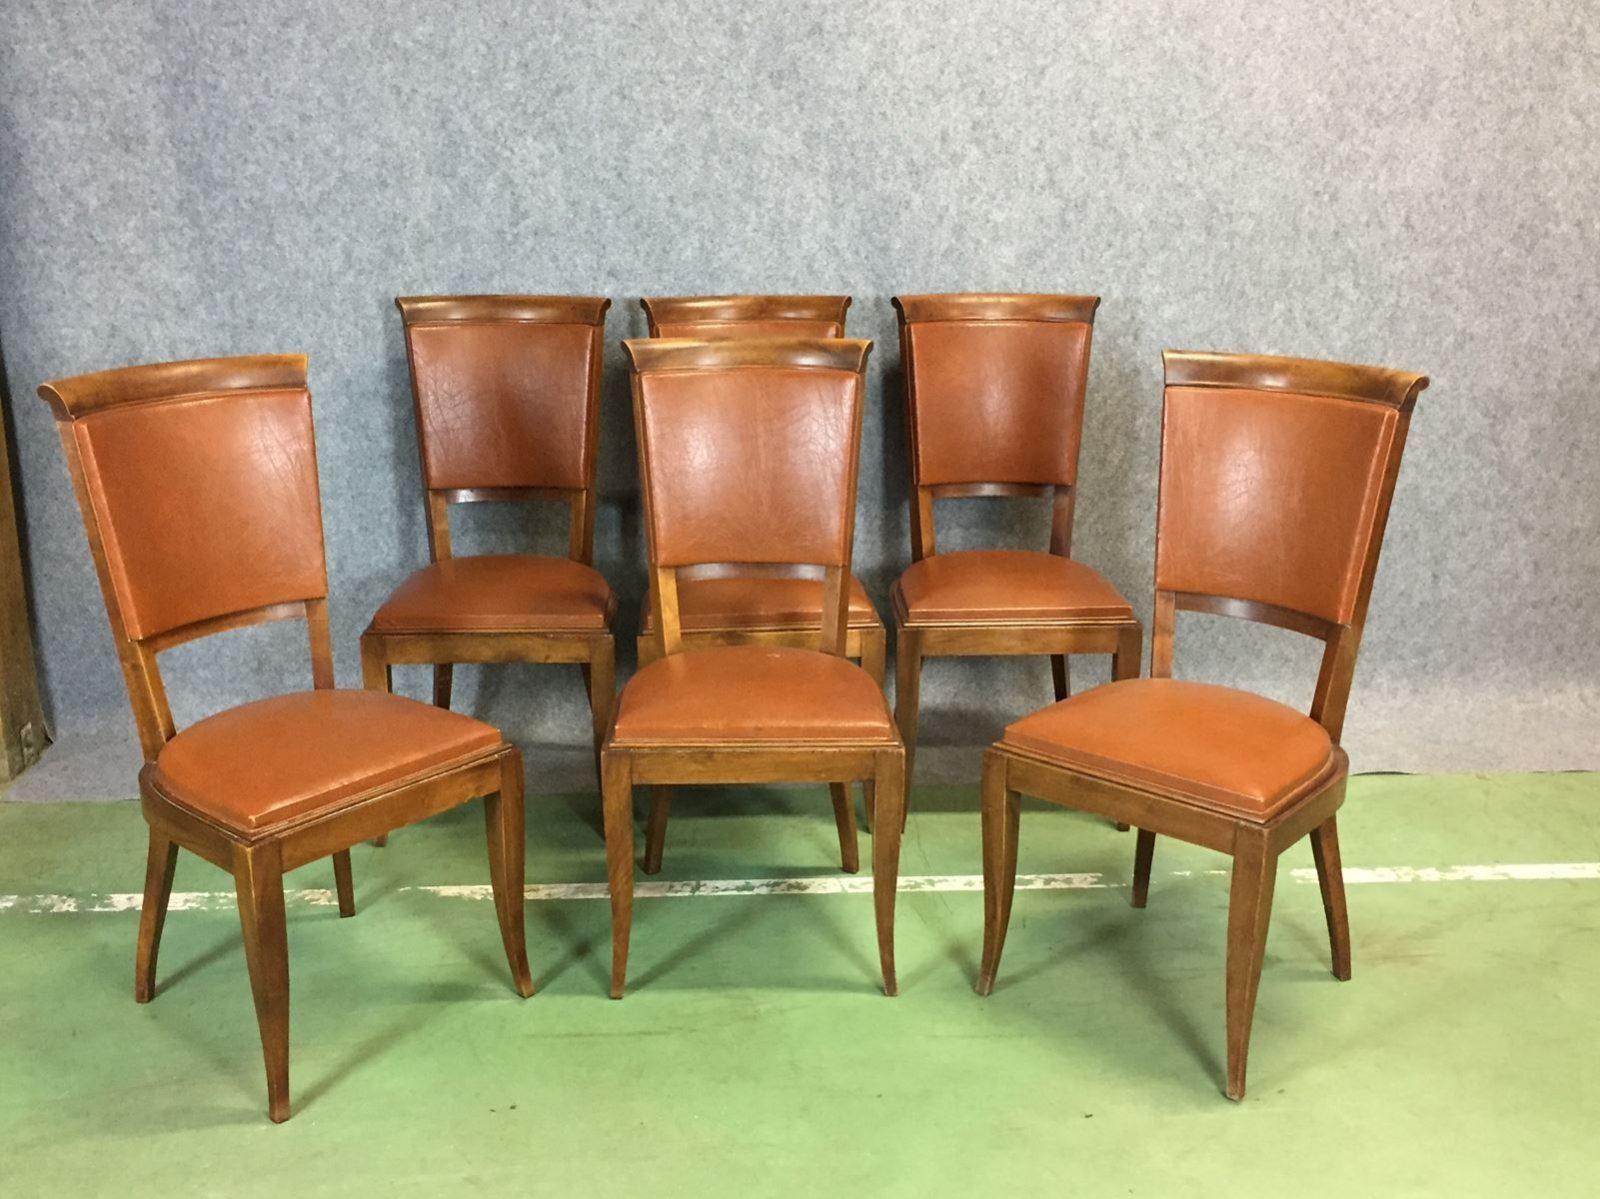 esszimmerstühle 6er set braun